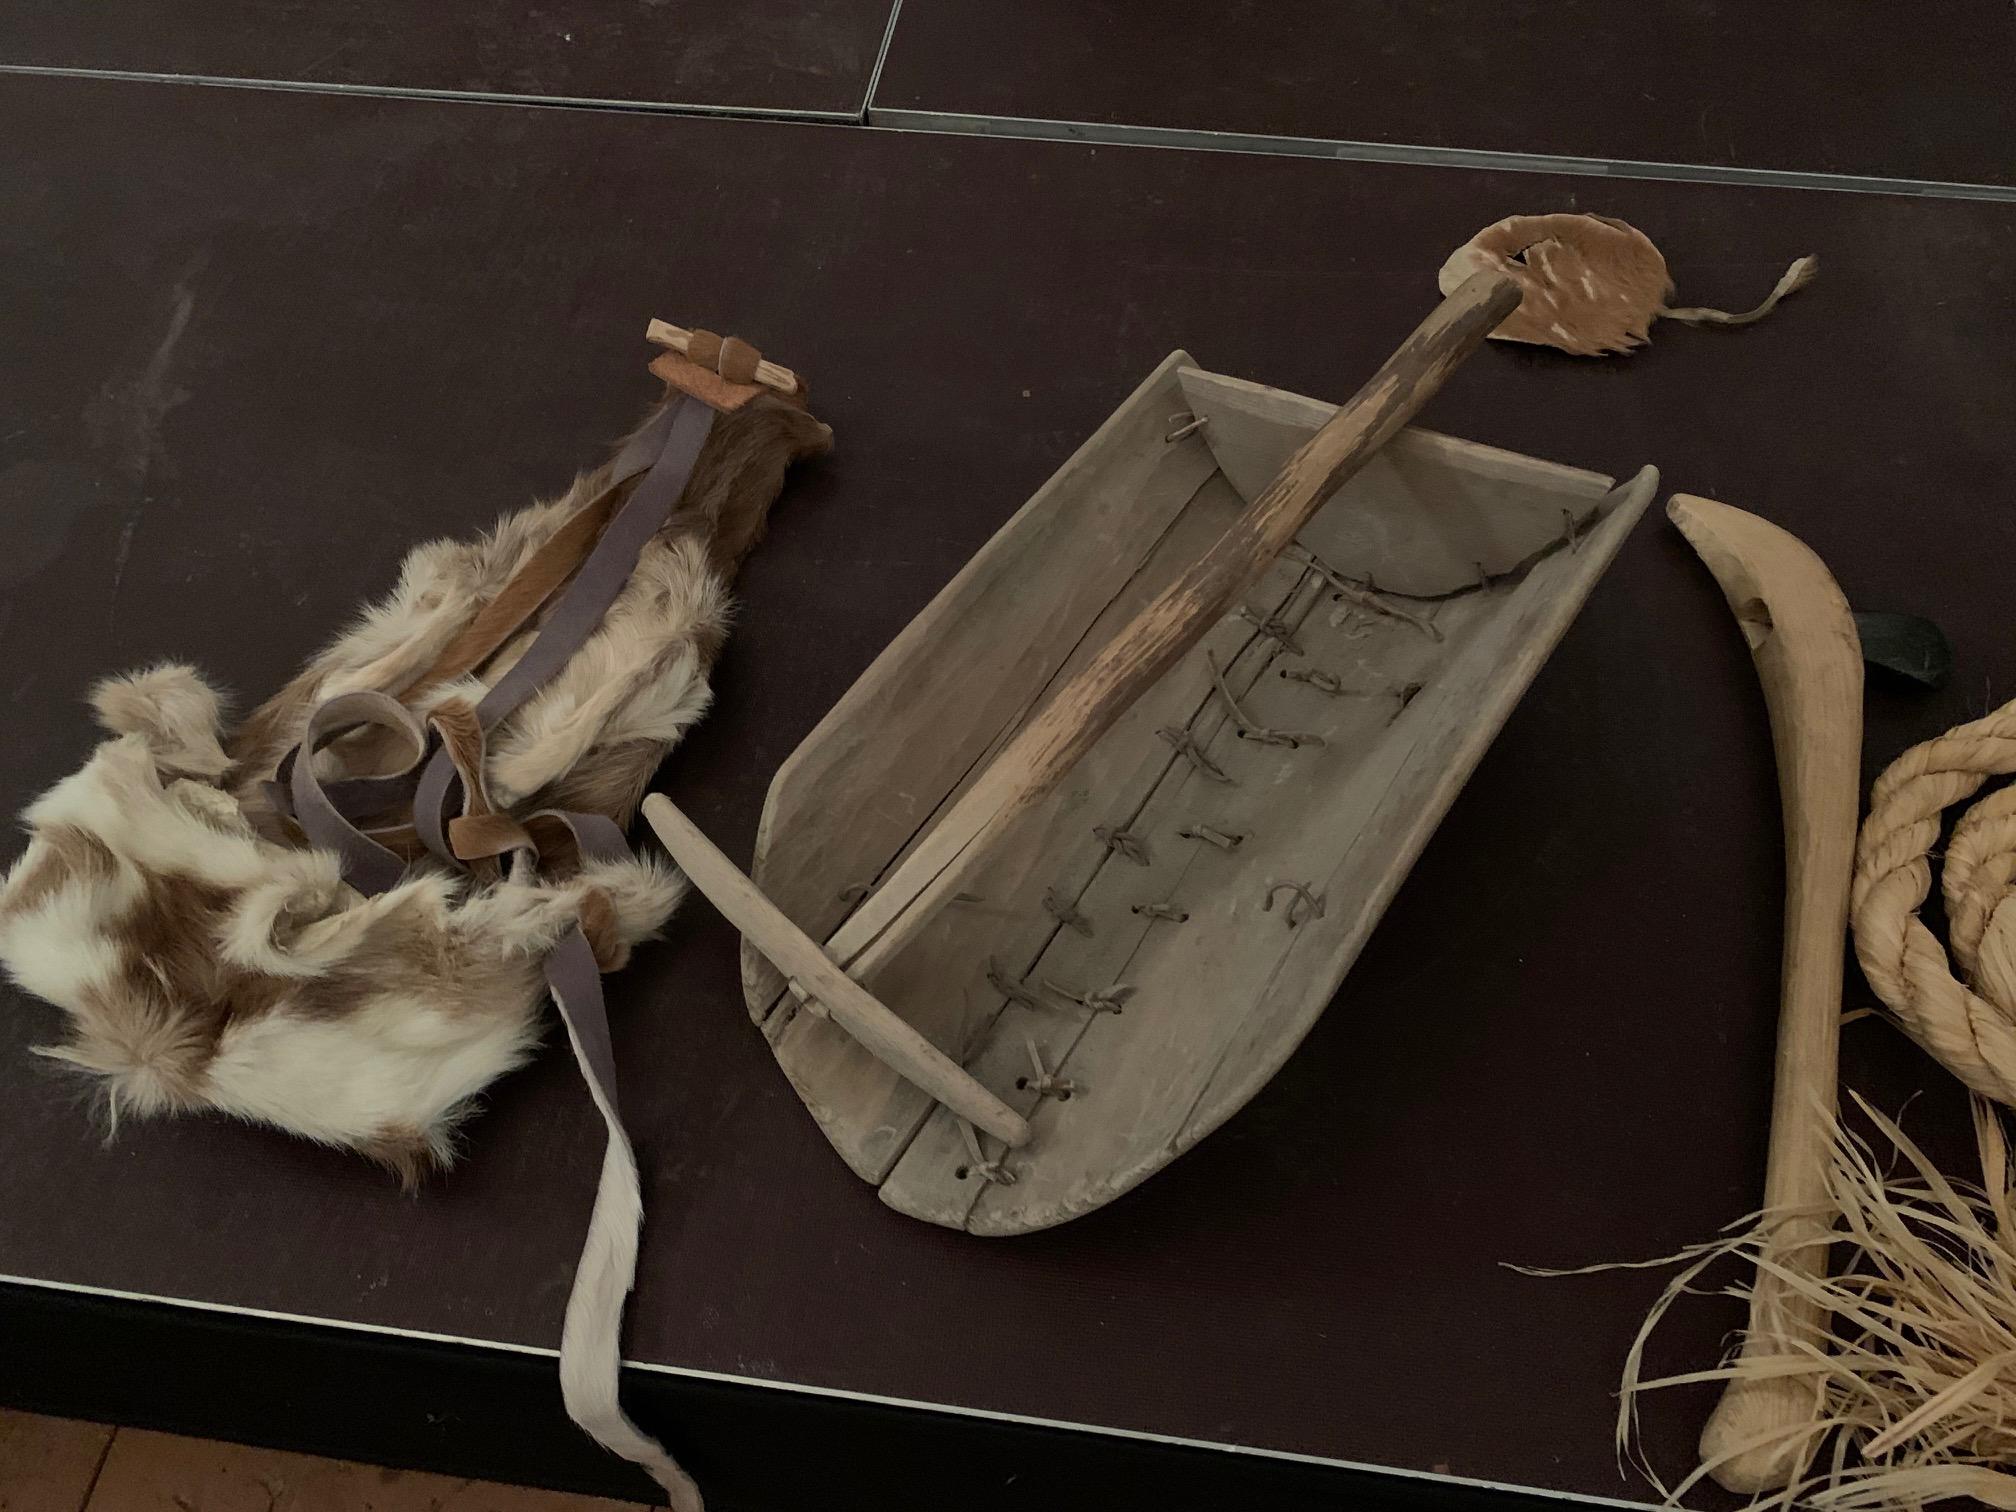 Funktionelle Arbeitsgeräte: ein Rucksack aus Ziegenfell und Kratze und Schaufel zum Einsammeln des Salzes